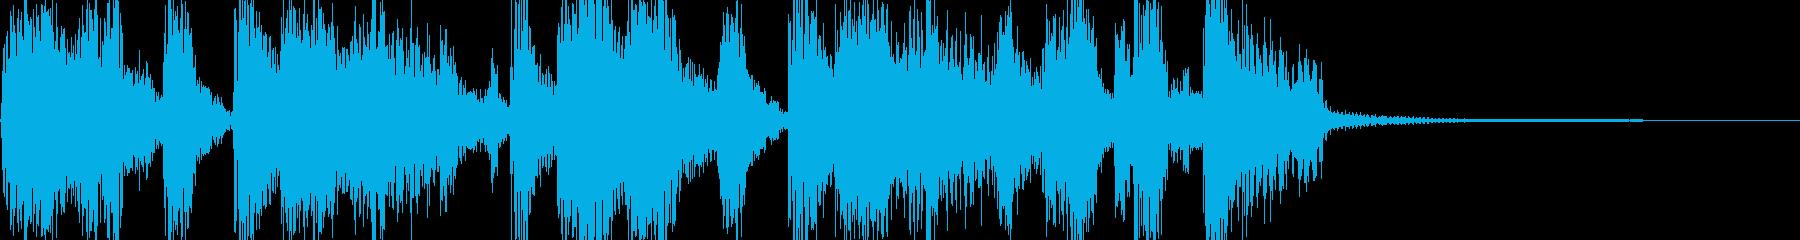 巨漢 ファンキーでアメリカンなジングルの再生済みの波形